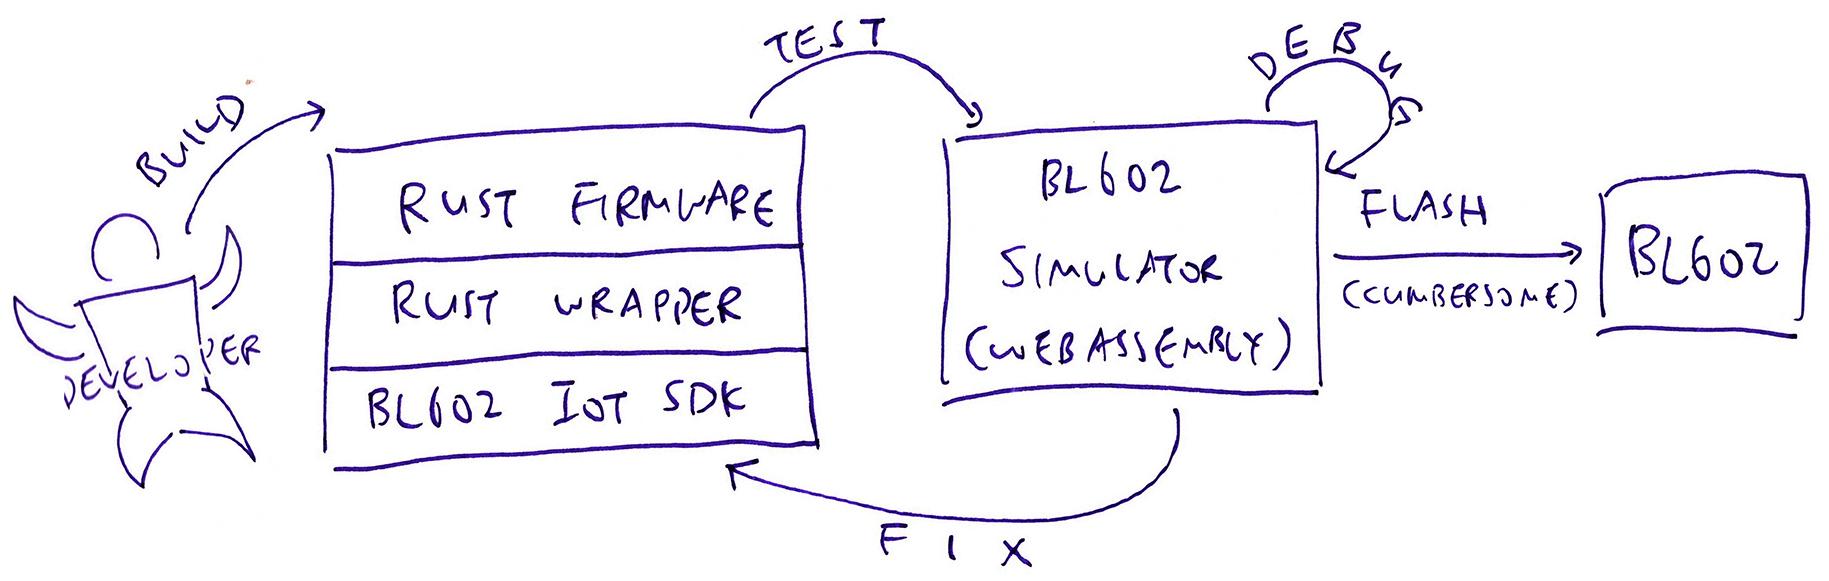 WebAssembly Simulator for BL602